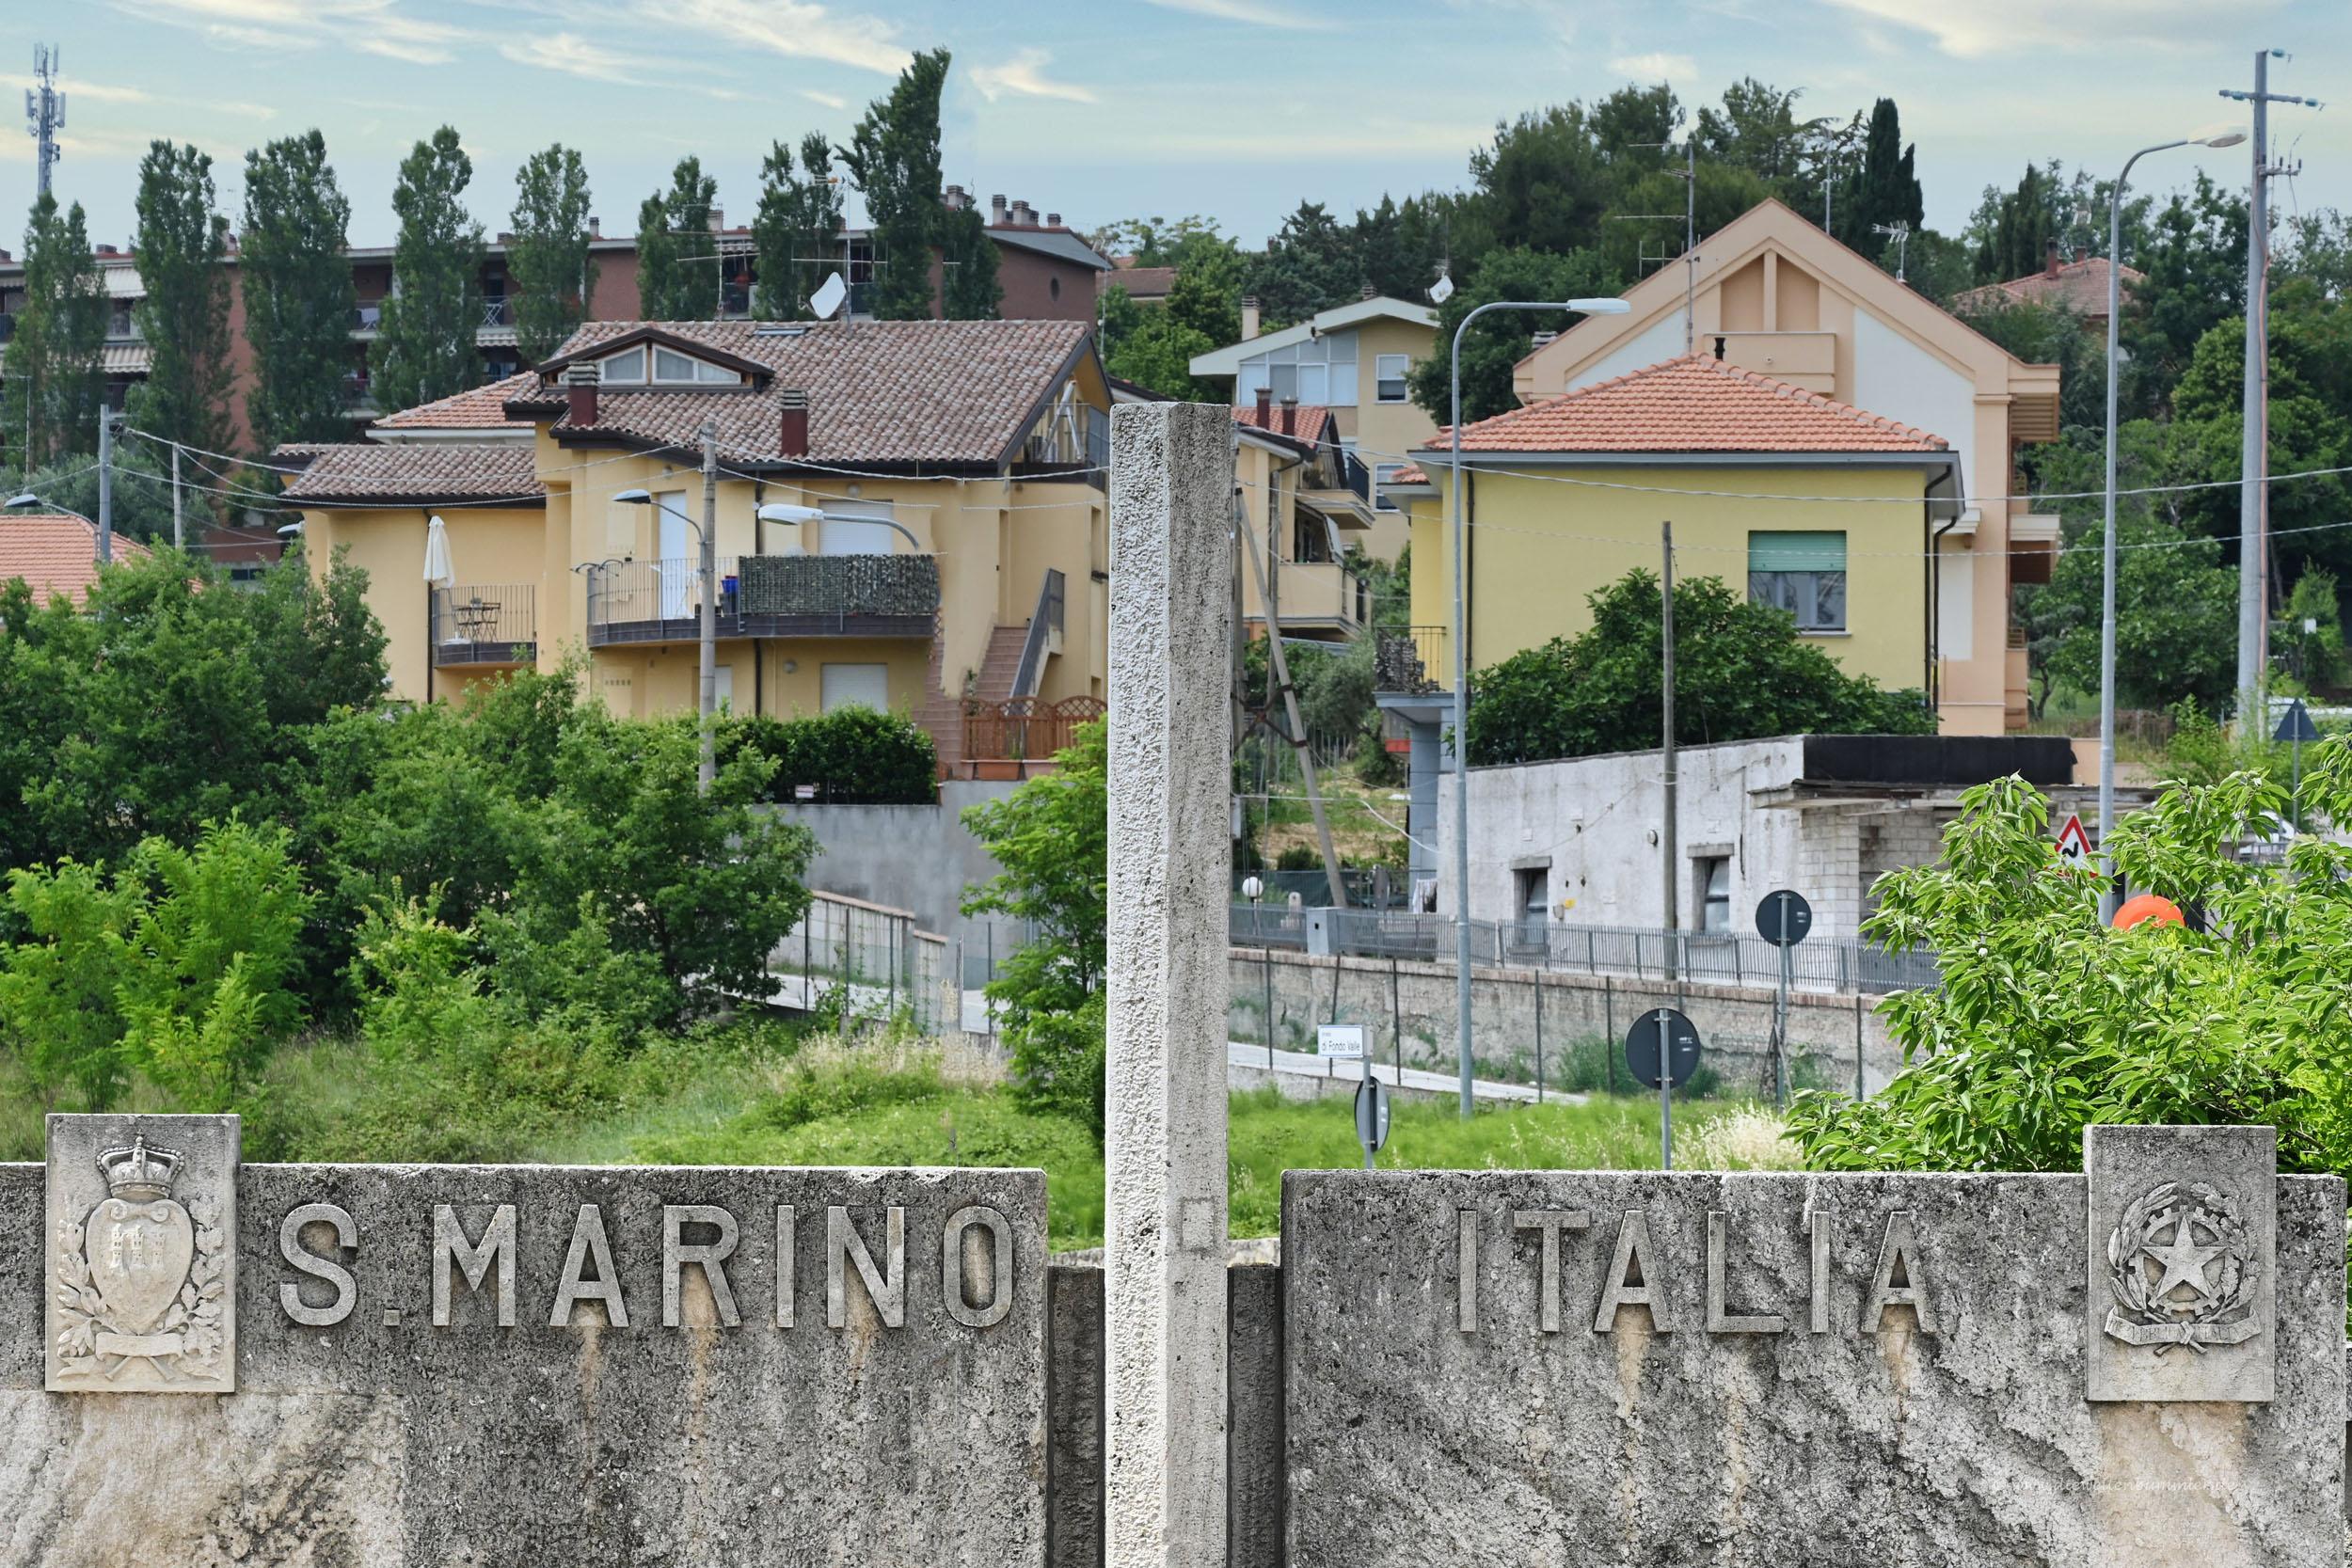 Grenze zwischen San Marino und Italien